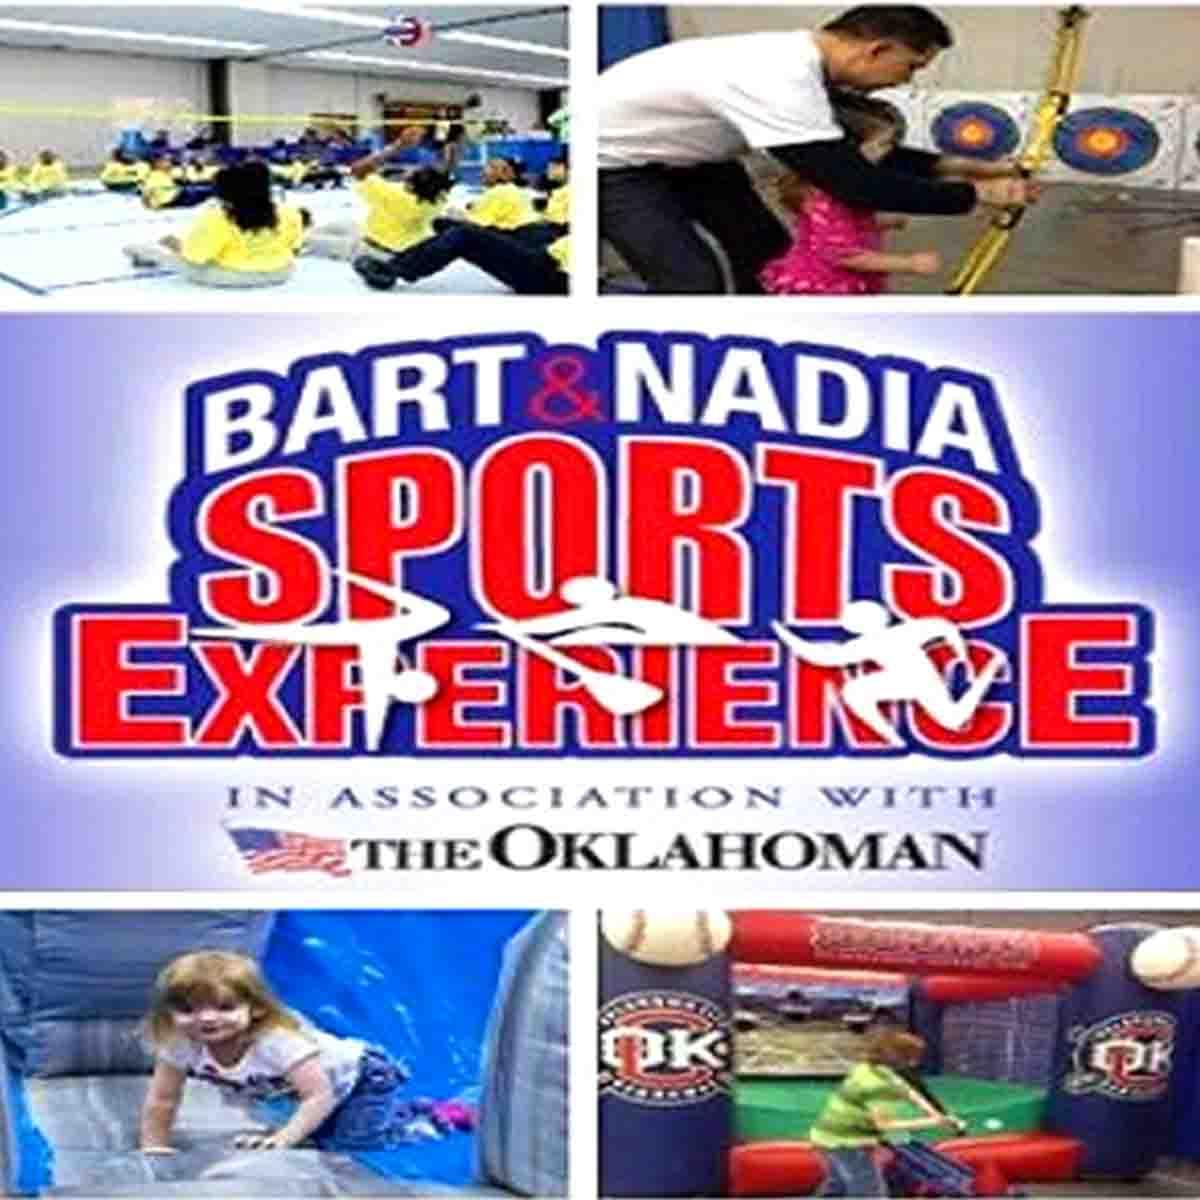 Bart & Nadia Sports Experience 1:1